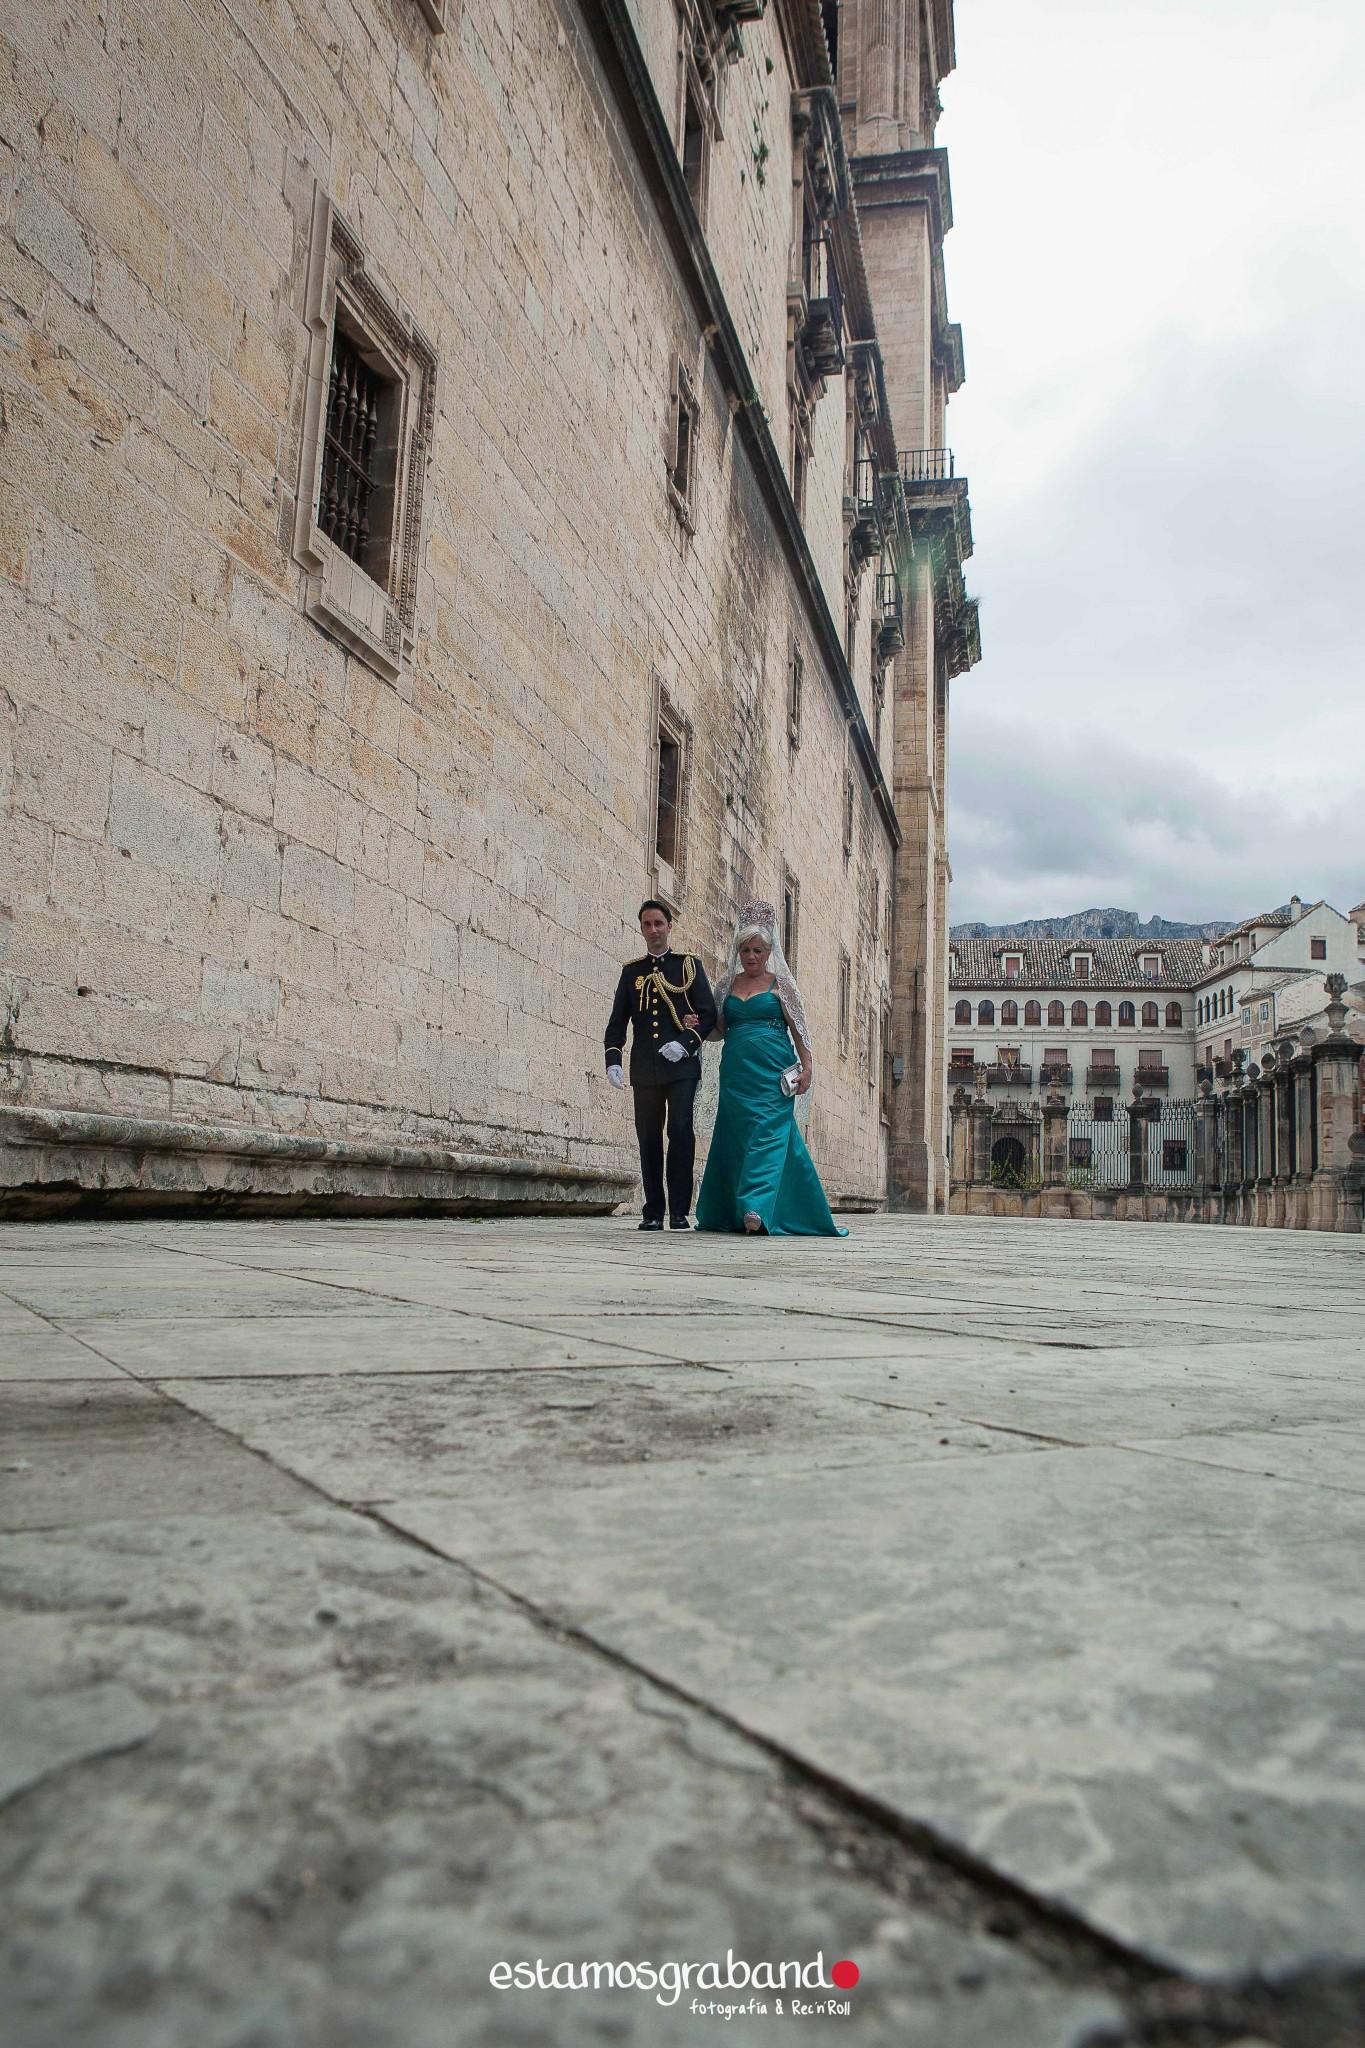 amparo-agustin_fotografia-boda_boda-jaen_jaen-fotografia-bodas_reportaje-boda_reportaje-boda-jaen_fotos-boda_fotos-jaen-17 ¡Alto ahi! [Boda Amparo & Agustín_Fotografía de bodas en Jaén] - video boda cadiz